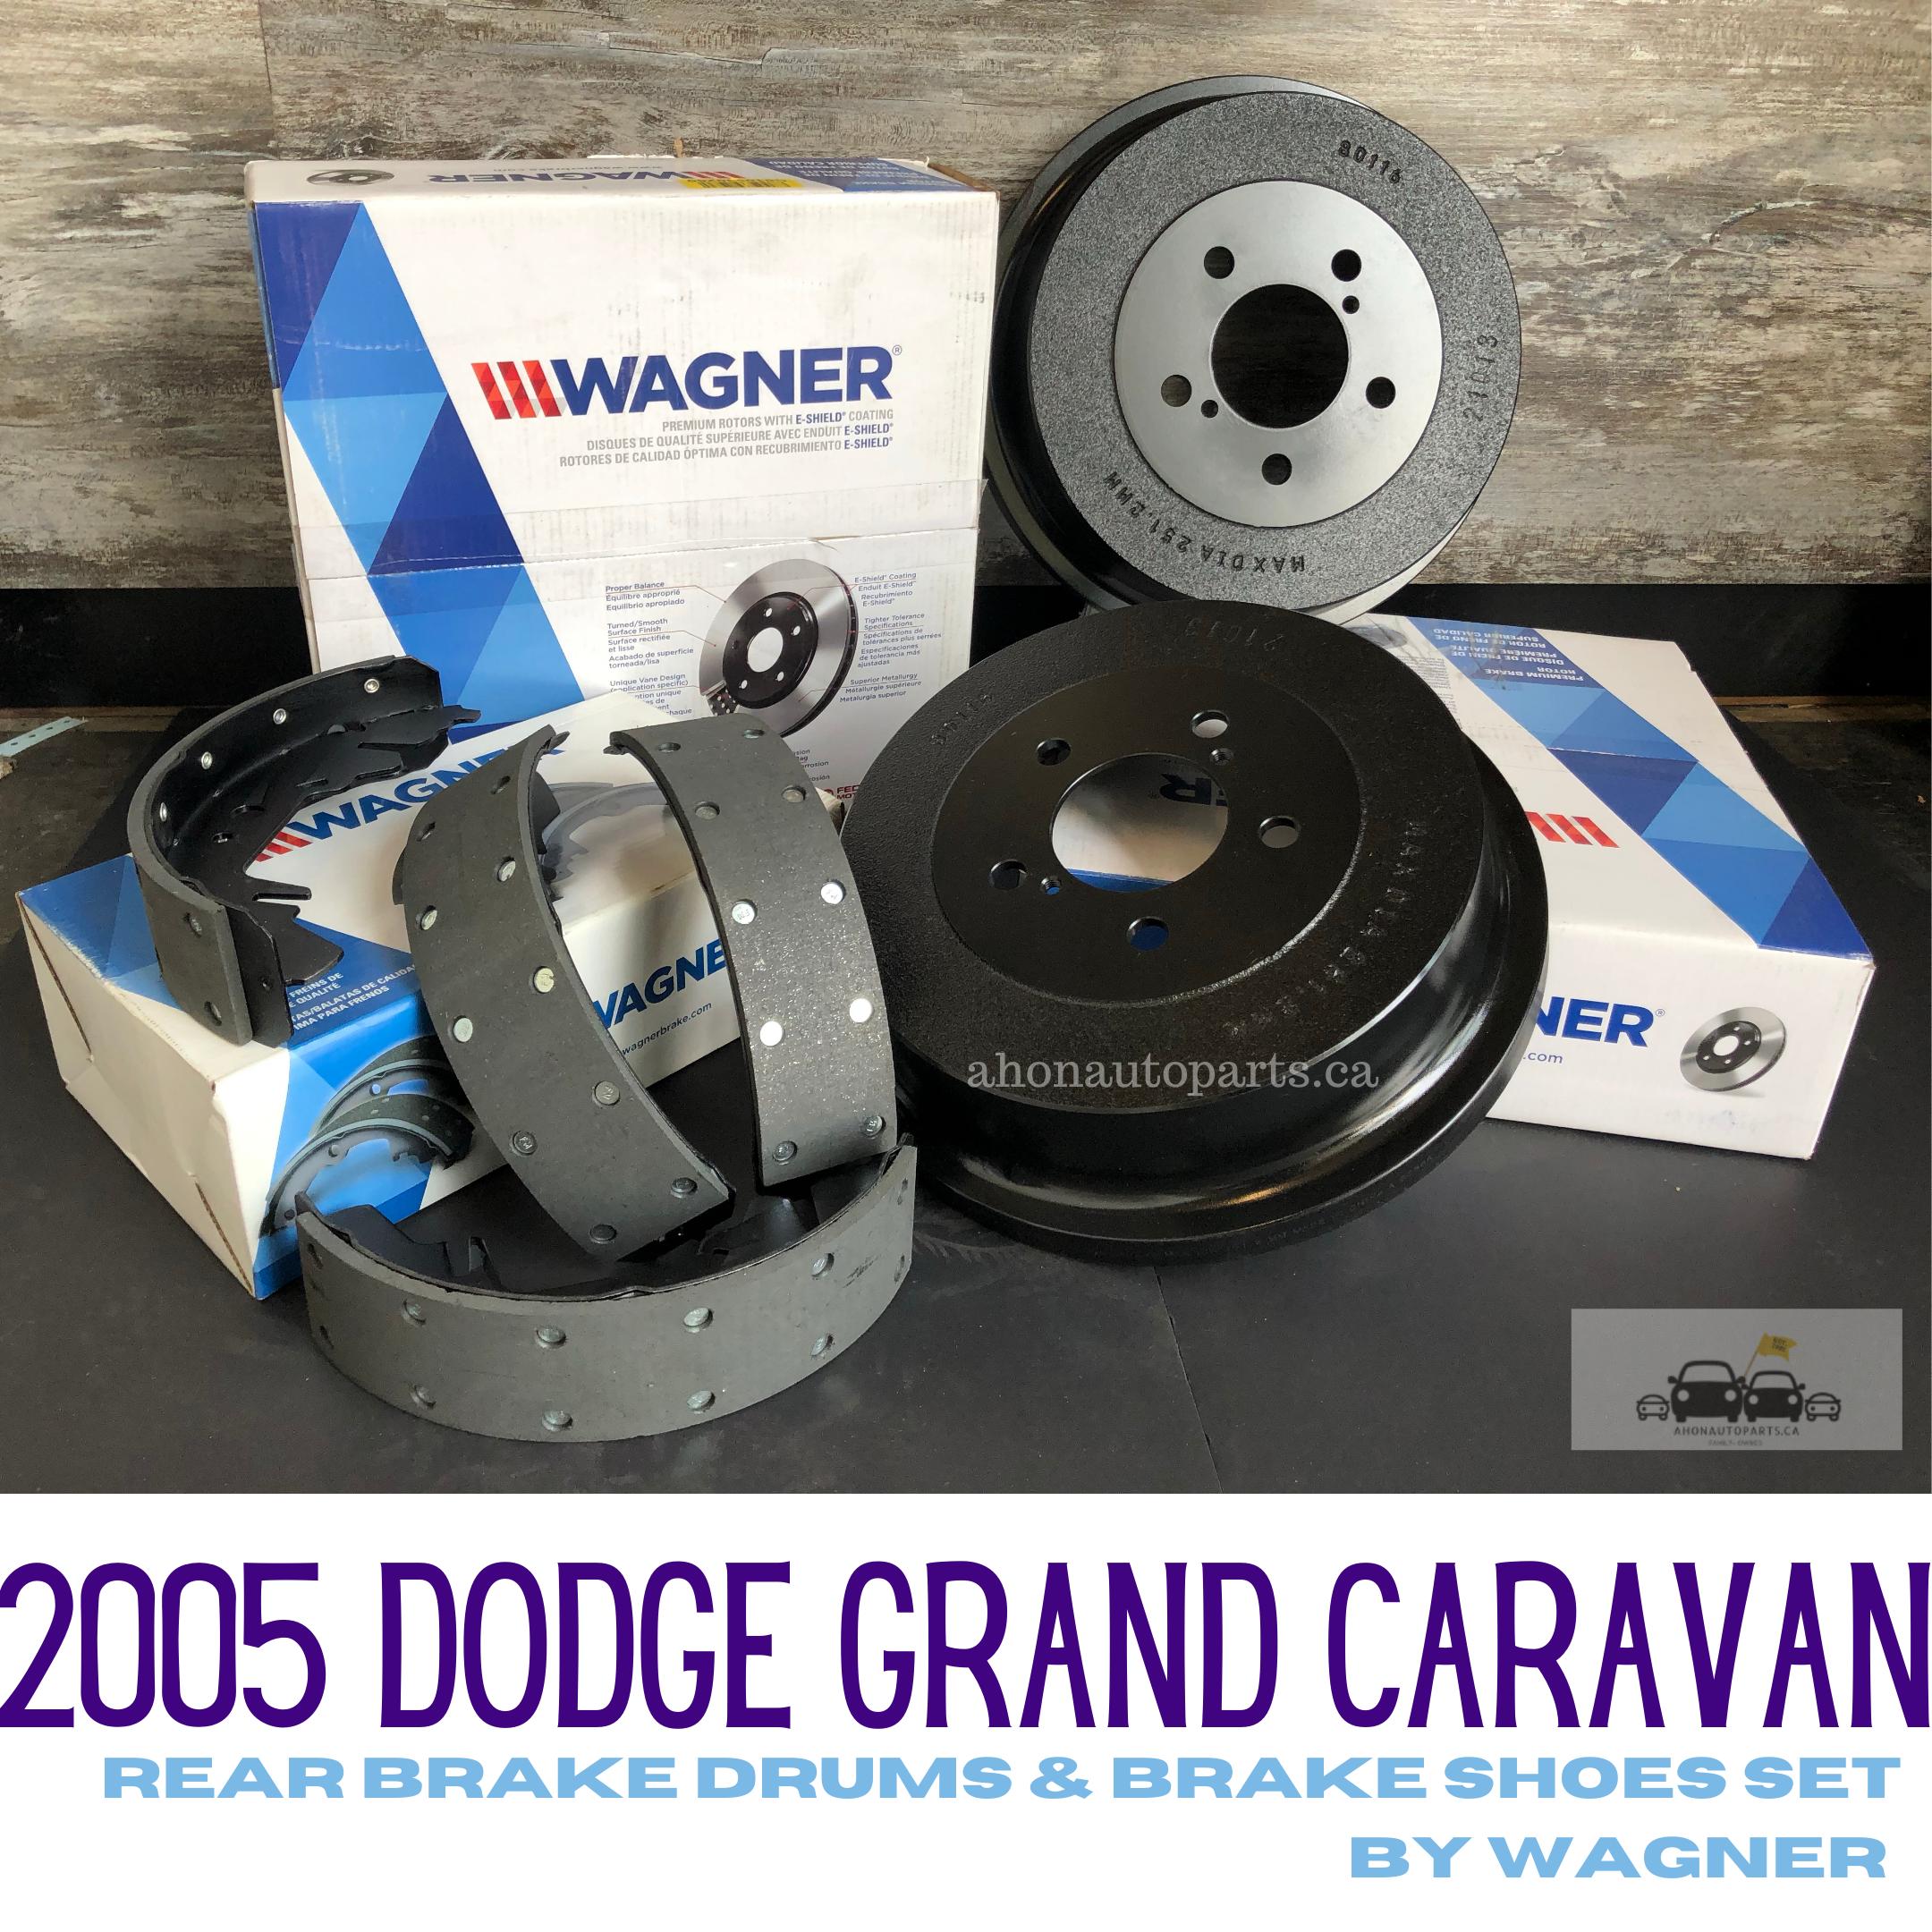 2005 Dodge Grand Caravan Rear Brake Drums And Brake Shoes Set By Wagner Grand Caravan Wagner Brake Shoes